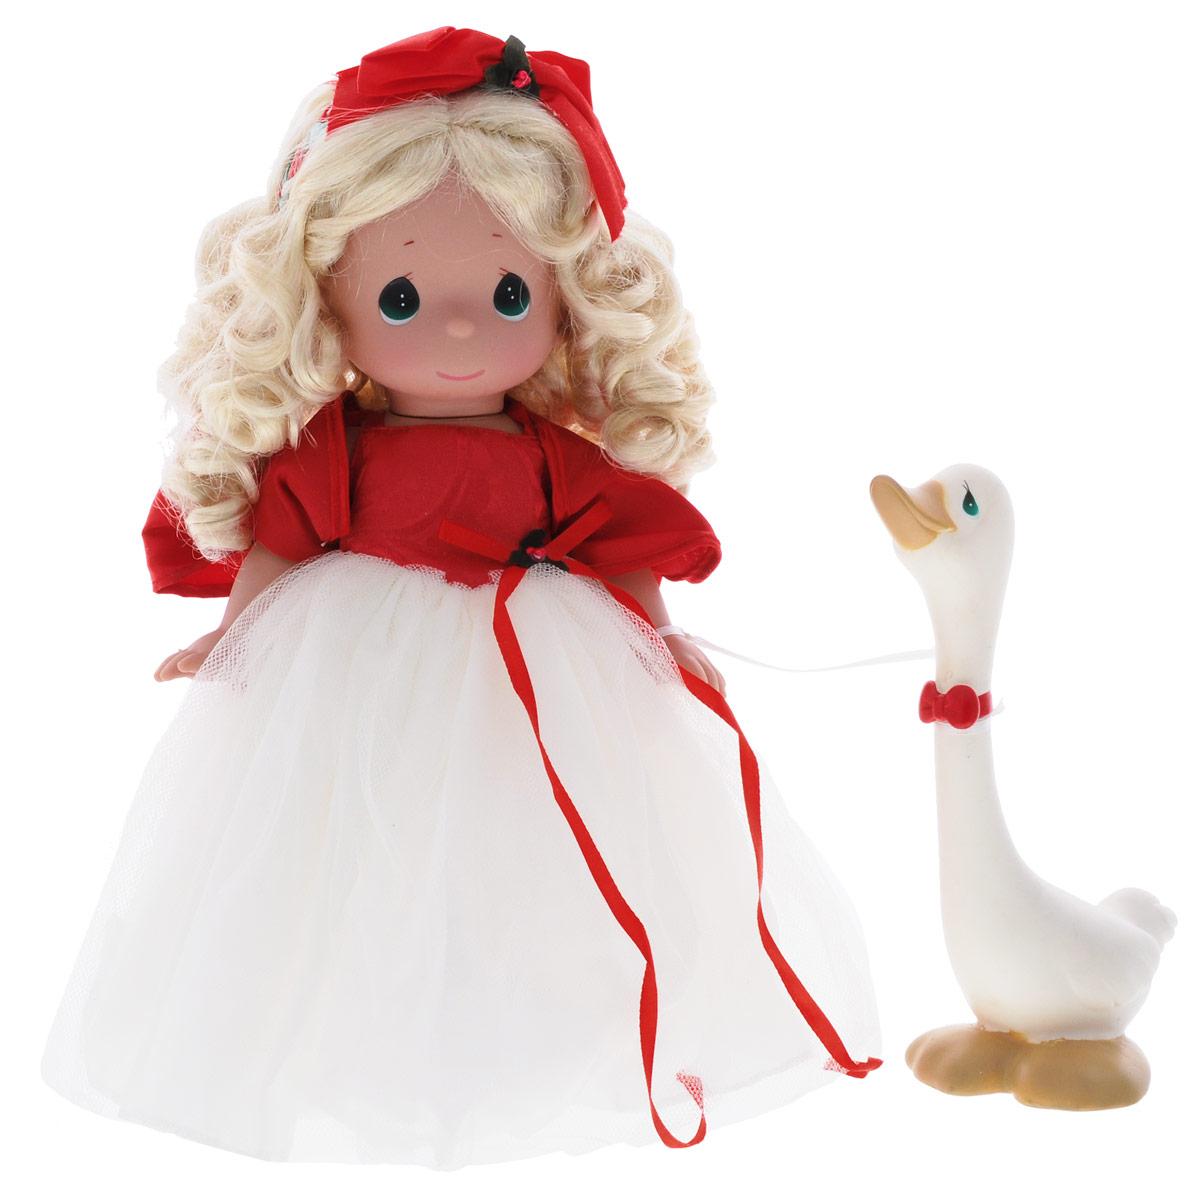 куклы и одежда для кукол precious кукла мир и гармония 30 см Precious Moments Кукла Сезон радости блондинка